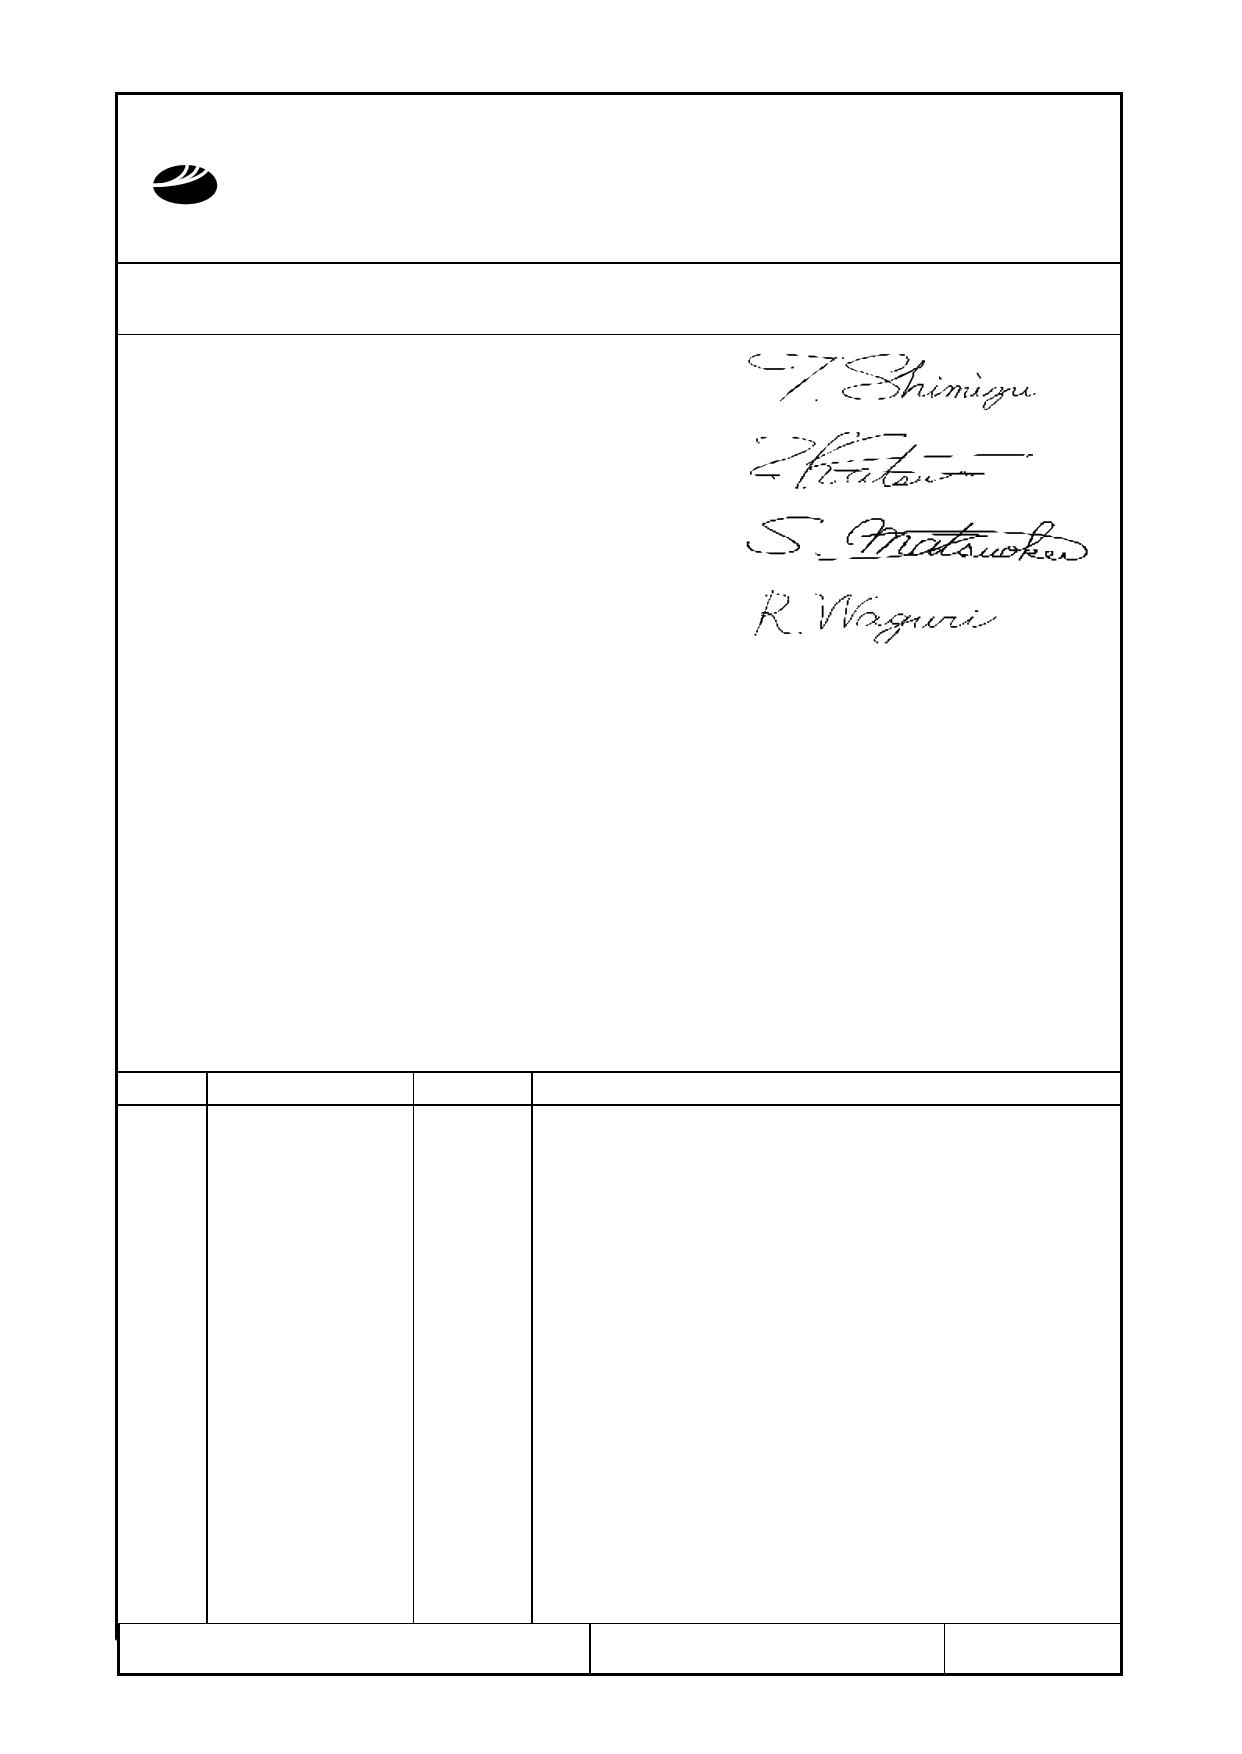 C-51505NFQJ-LW-AD دیتاشیت PDF